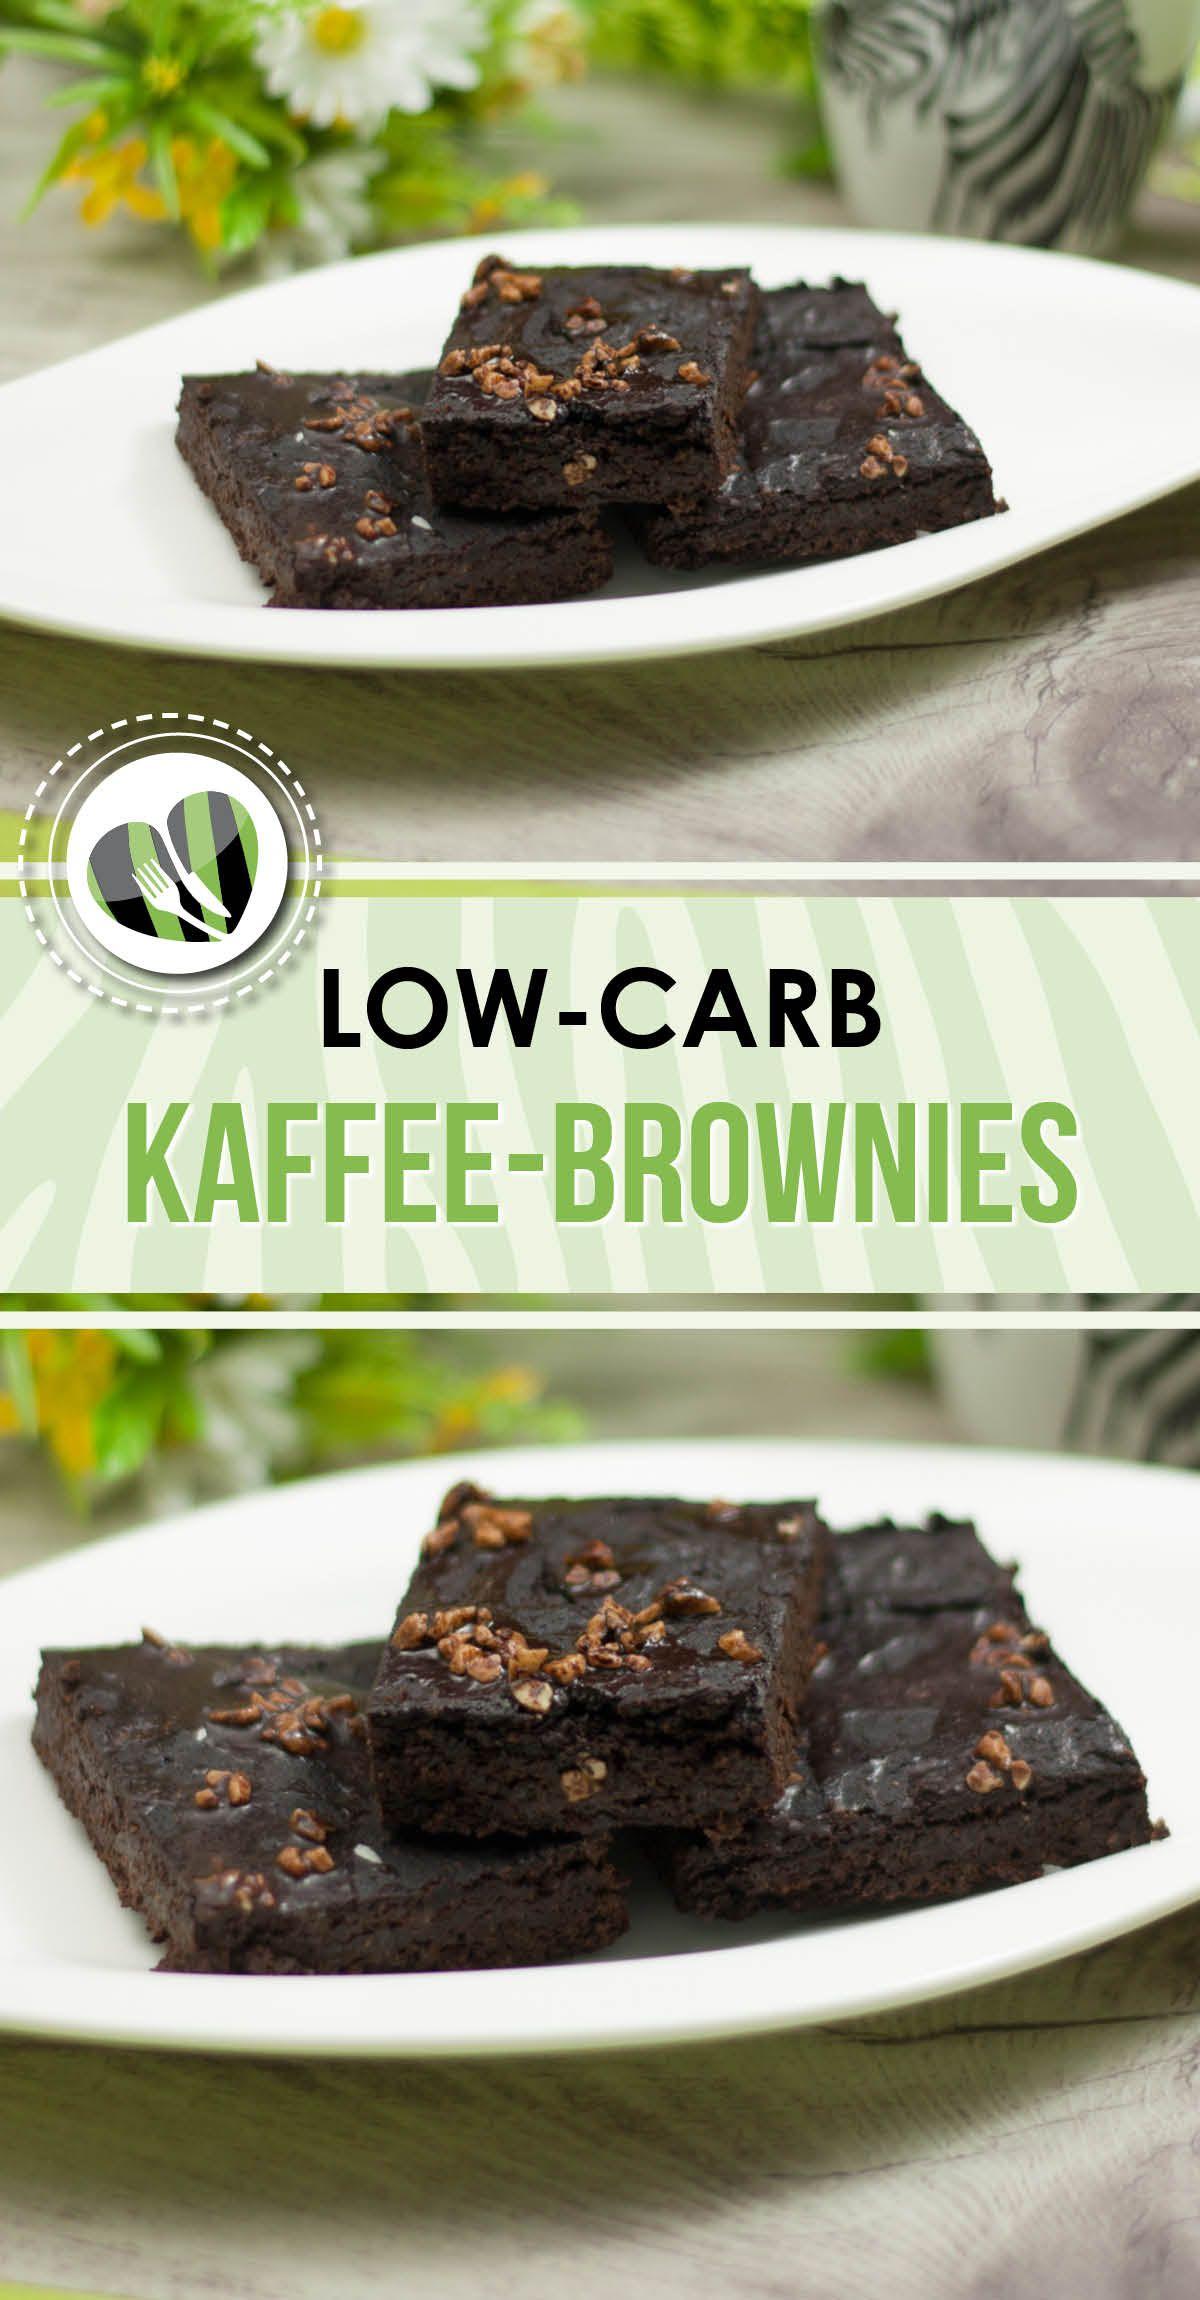 Die Kaffee Brownies sind low carb glutenfrei und vegan und somit der optimale